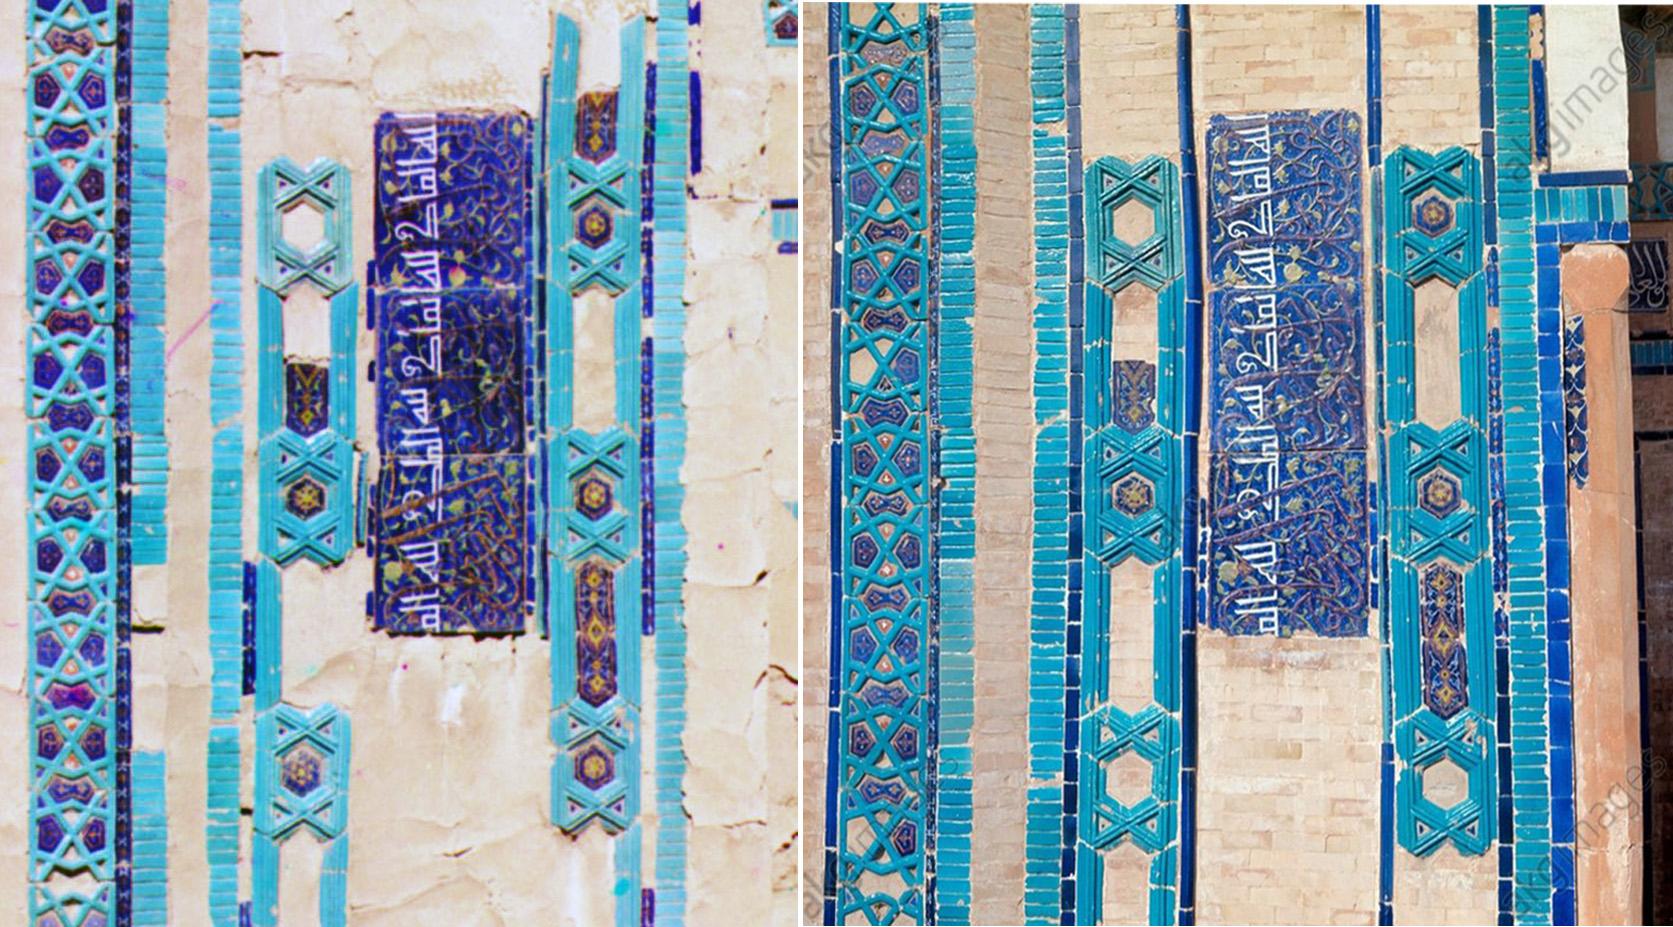 Самарканд. Безымянный мавзолей 1911-1973 гг